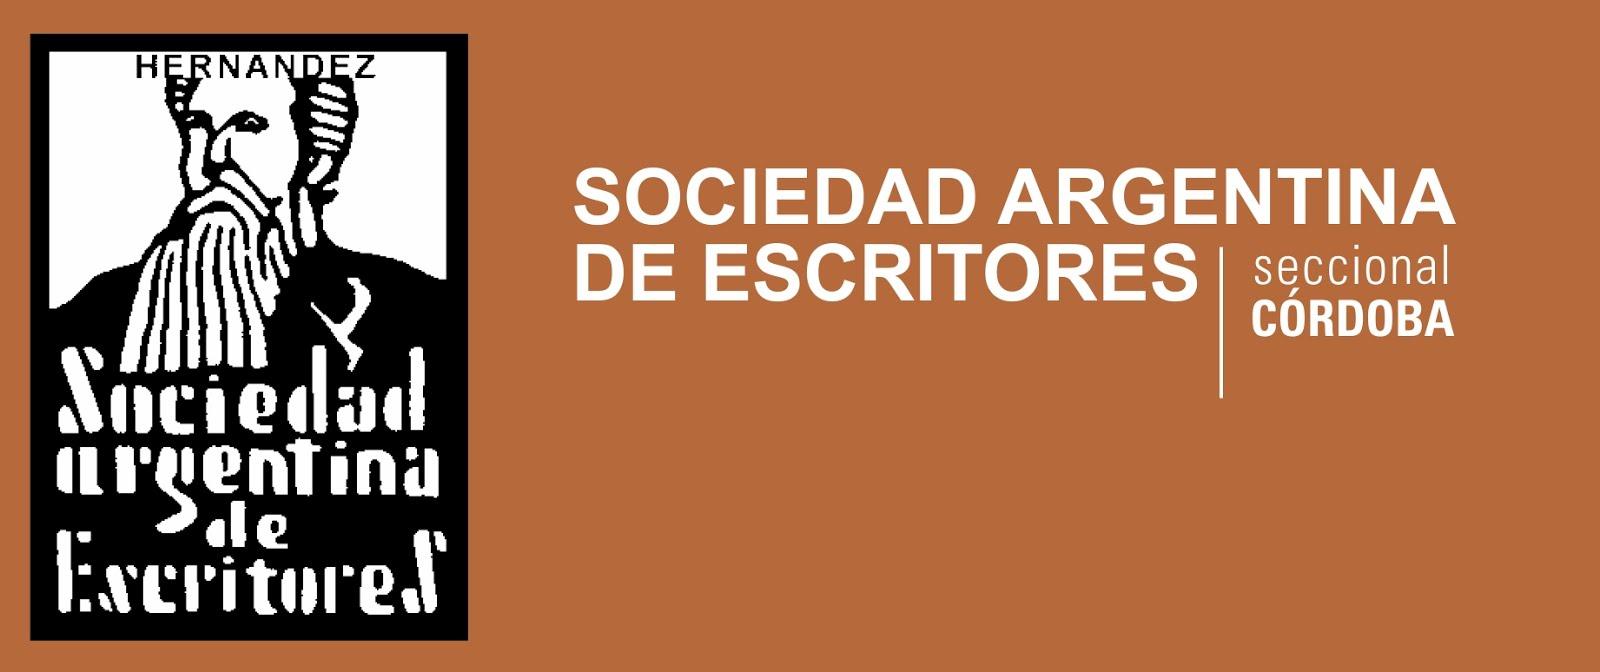 Sociedad Argentina de Escritores - CÓRDOBA